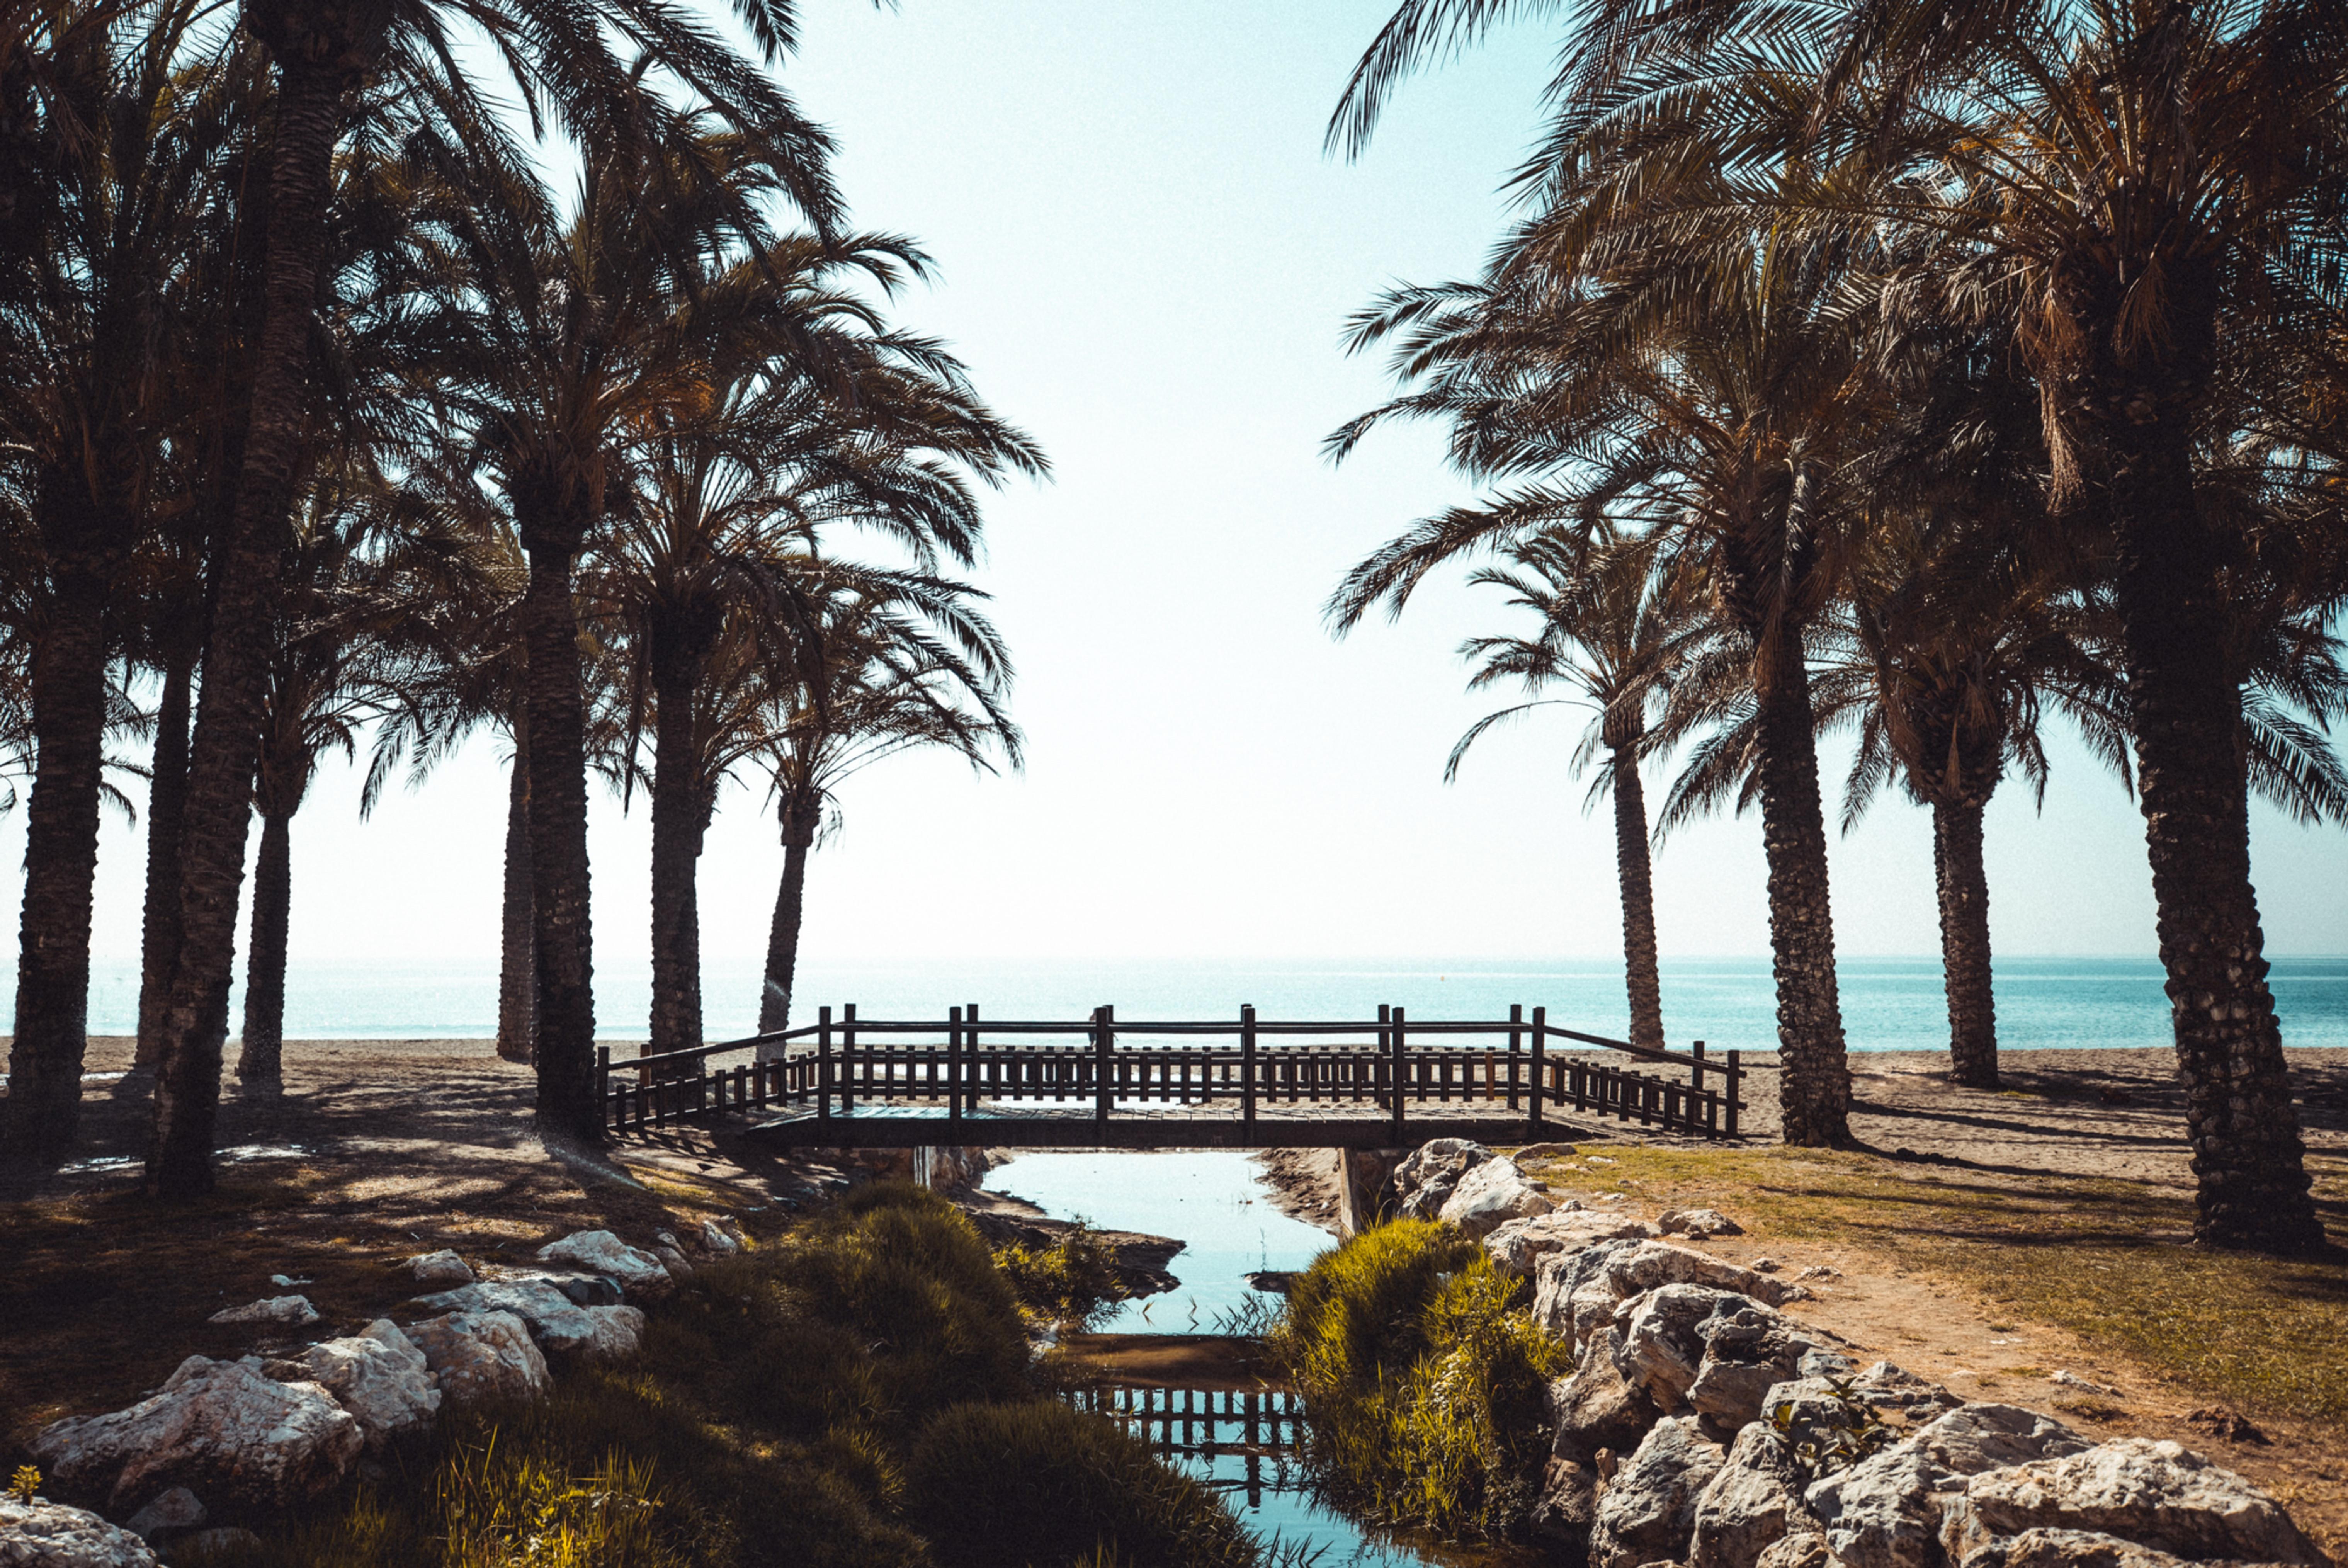 Malaga aeropuerto a Torremolinos